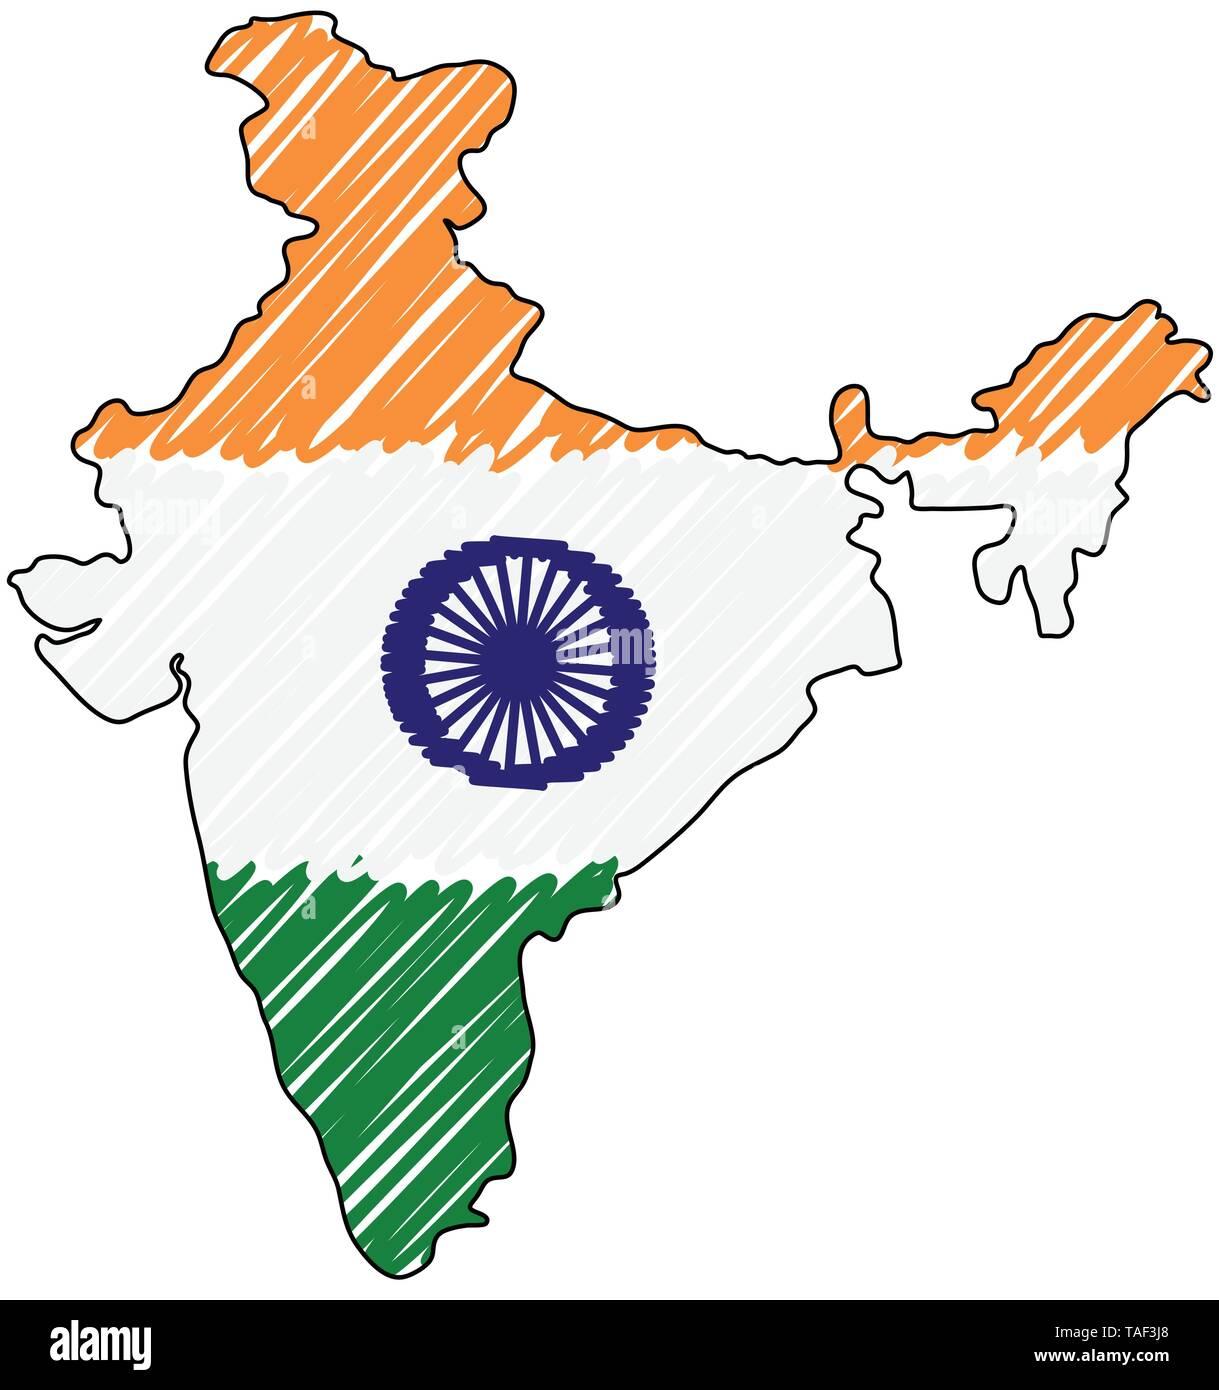 Cartina India Del Nord.Mappa India Immagini E Fotos Stock Alamy